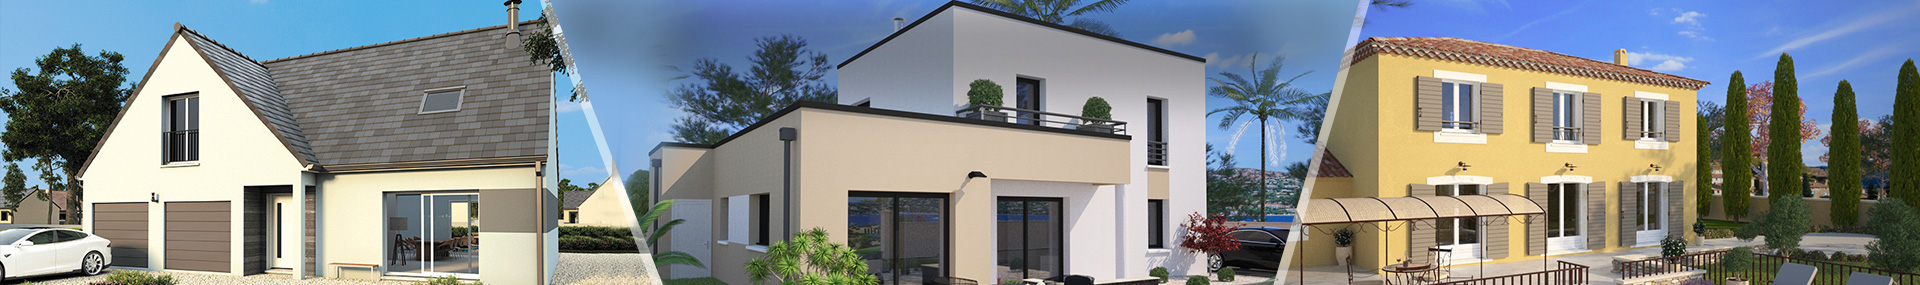 Réalisez votre projet de construction avec Maisons France Confort